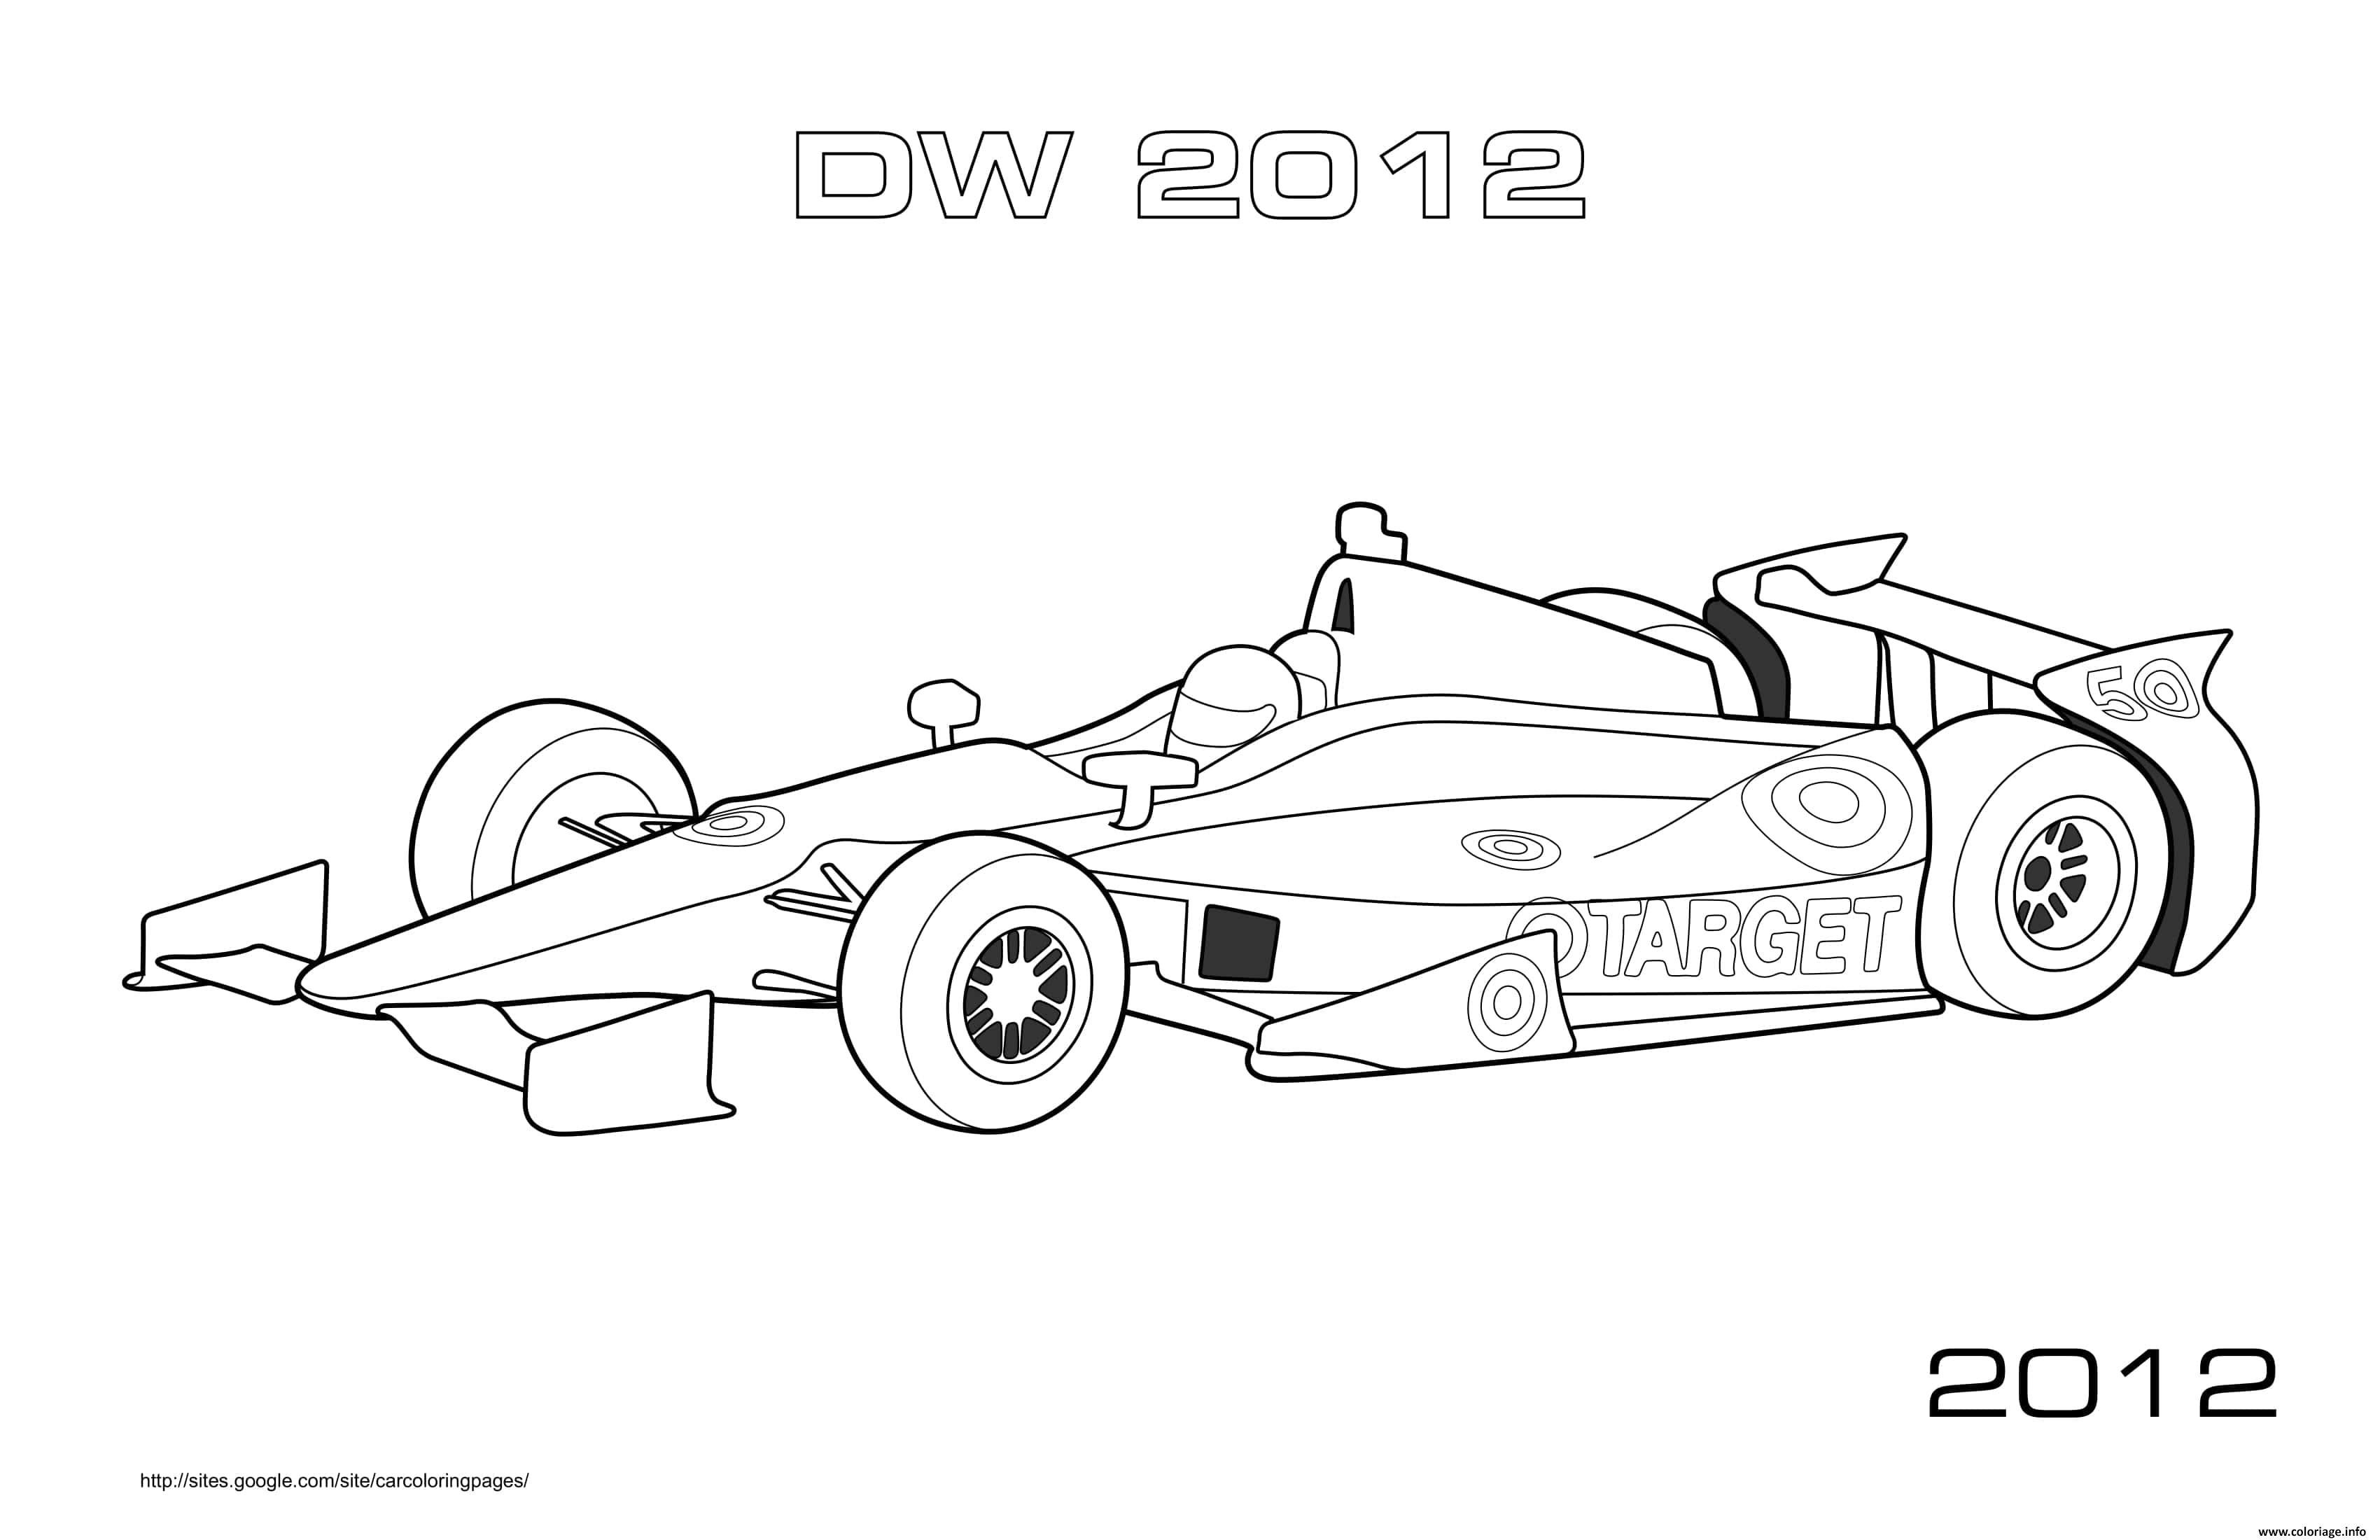 Dessin F1 Dw 2012 Coloriage Gratuit à Imprimer